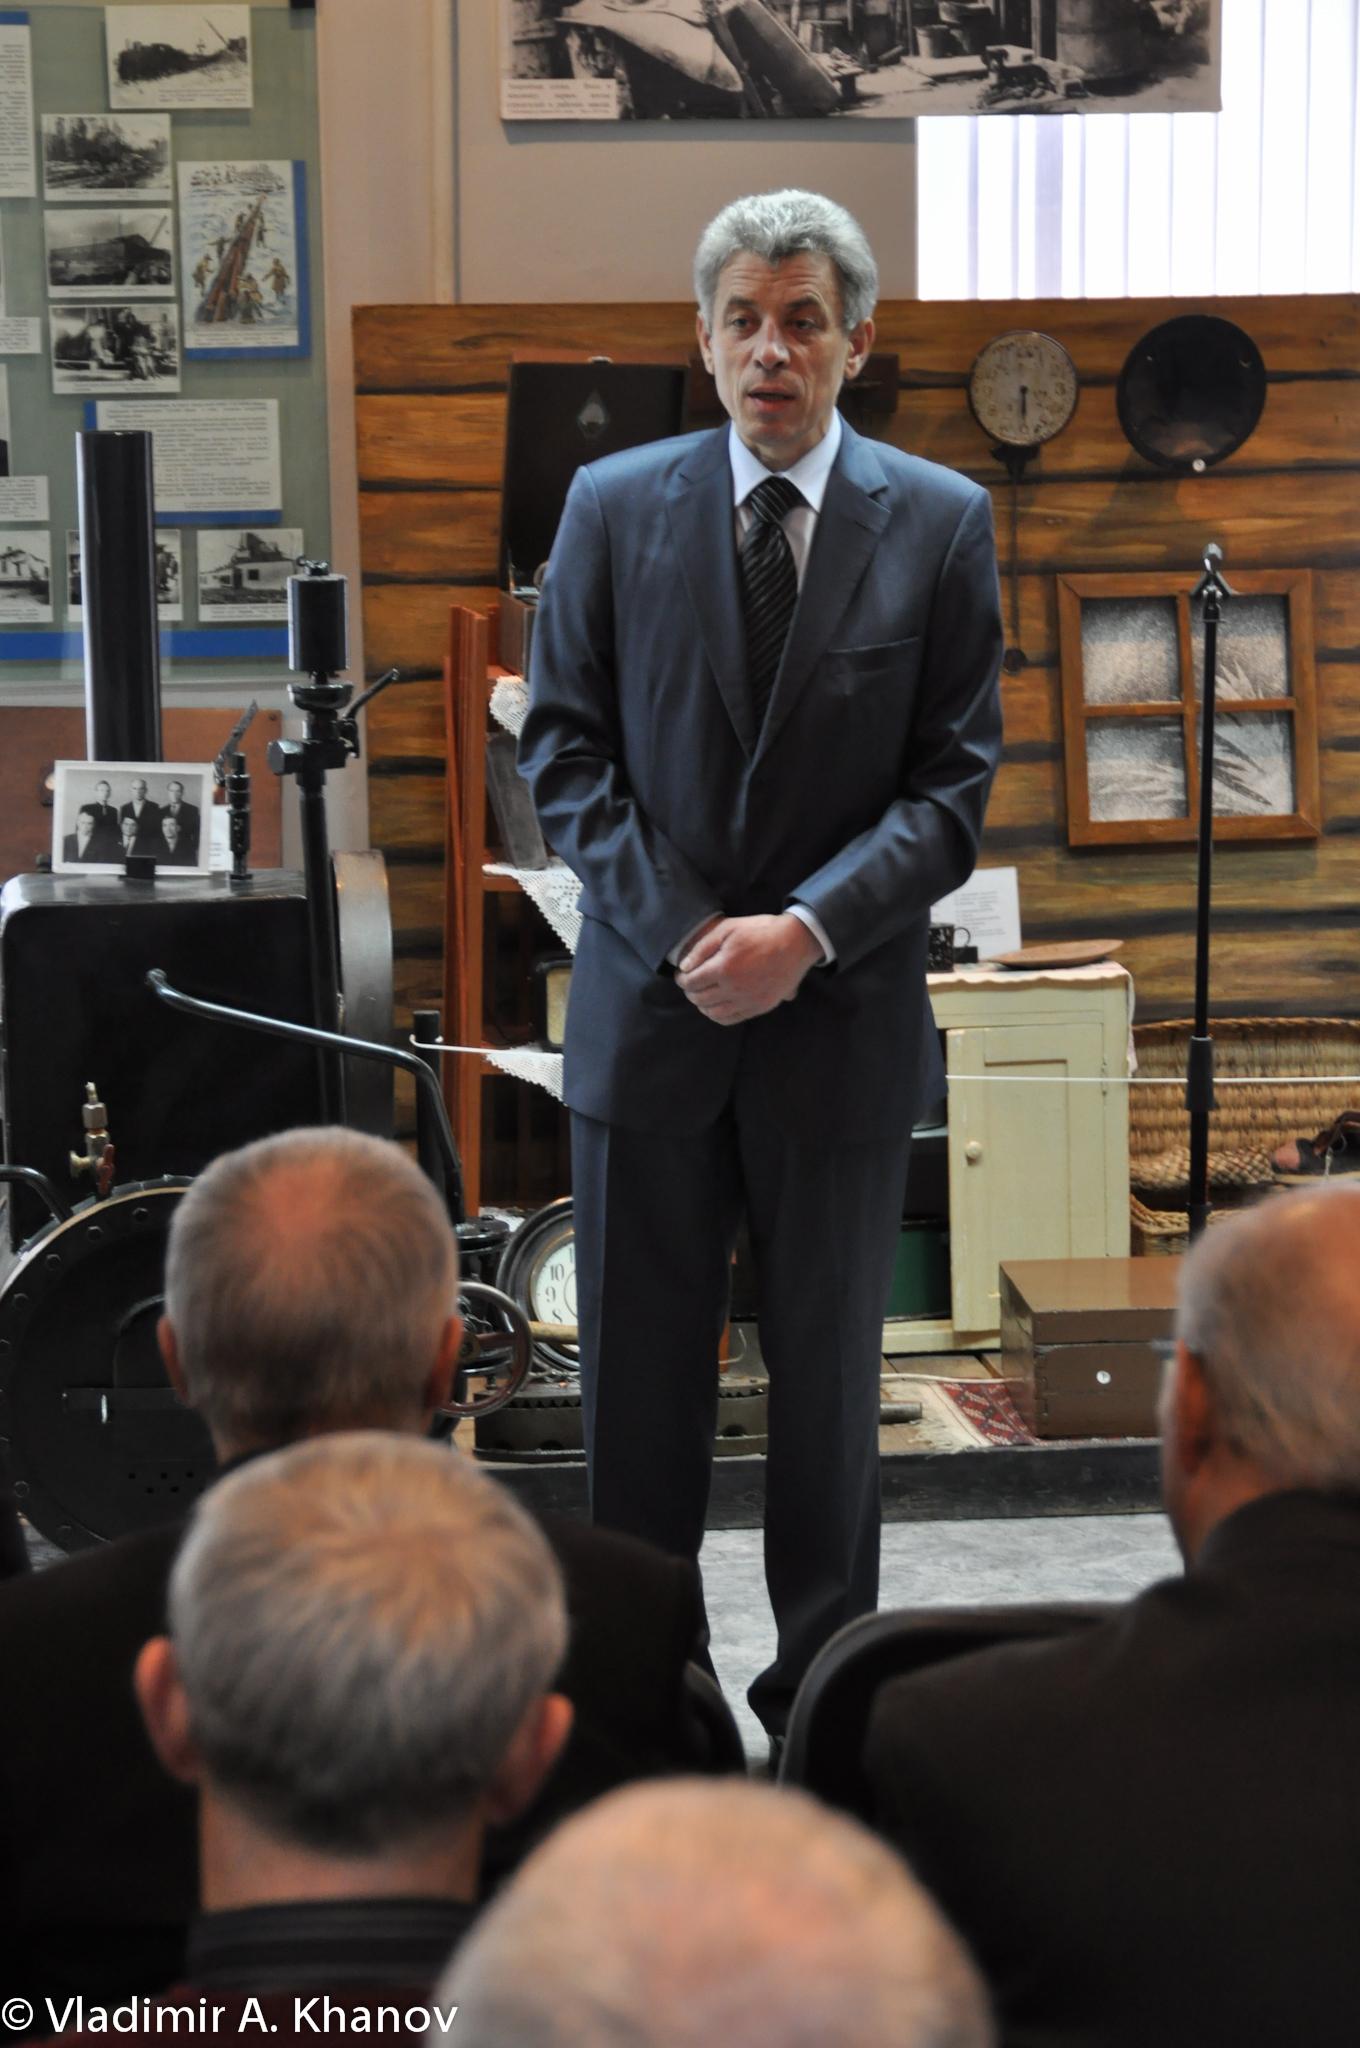 И.о. Генерального директора А.Н. Гуров выступает перед собравшимися